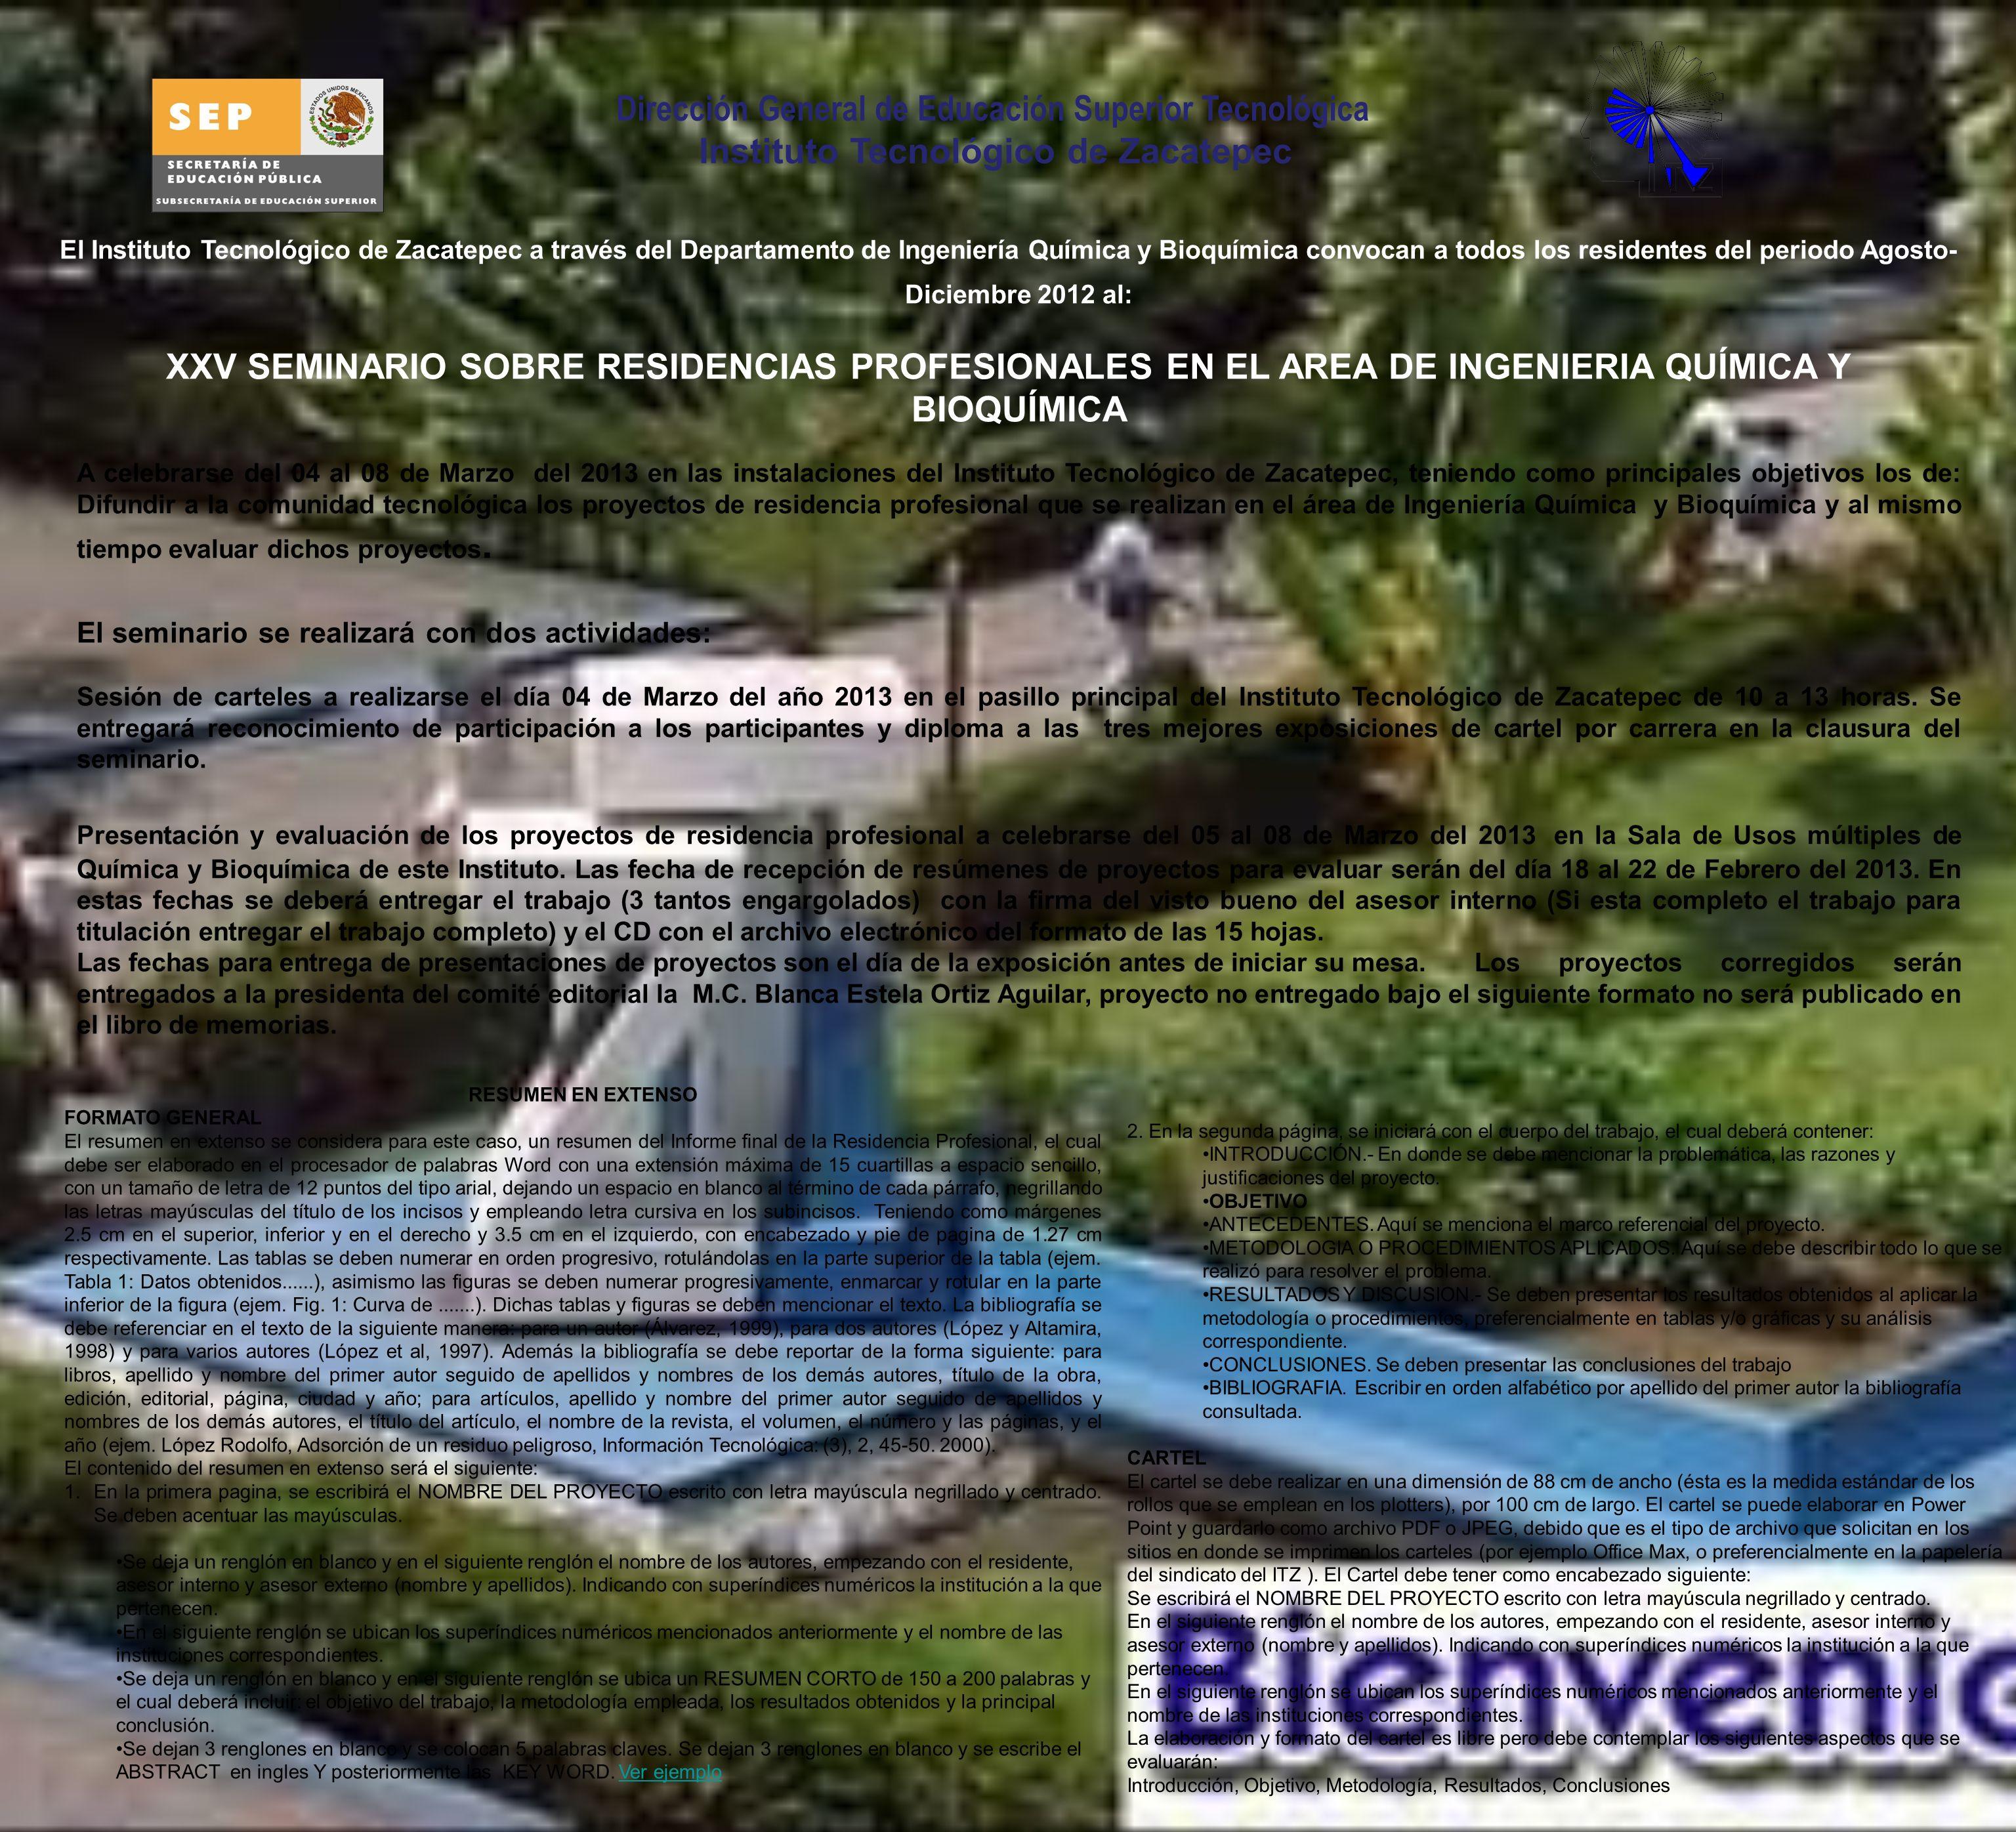 El Instituto Tecnológico de Zacatepec a través del Departamento de Ingeniería Química y Bioquímica convocan a todos los residentes del periodo Agosto- Diciembre 2012 al: XXV SEMINARIO SOBRE RESIDENCIAS PROFESIONALES EN EL AREA DE INGENIERIA QUÍMICA Y BIOQUÍMICA A celebrarse del 04 al 08 de Marzo del 2013 en las instalaciones del Instituto Tecnológico de Zacatepec, teniendo como principales objetivos los de: Difundir a la comunidad tecnológica los proyectos de residencia profesional que se realizan en el área de Ingeniería Química y Bioquímica y al mismo tiempo evaluar dichos proyectos.